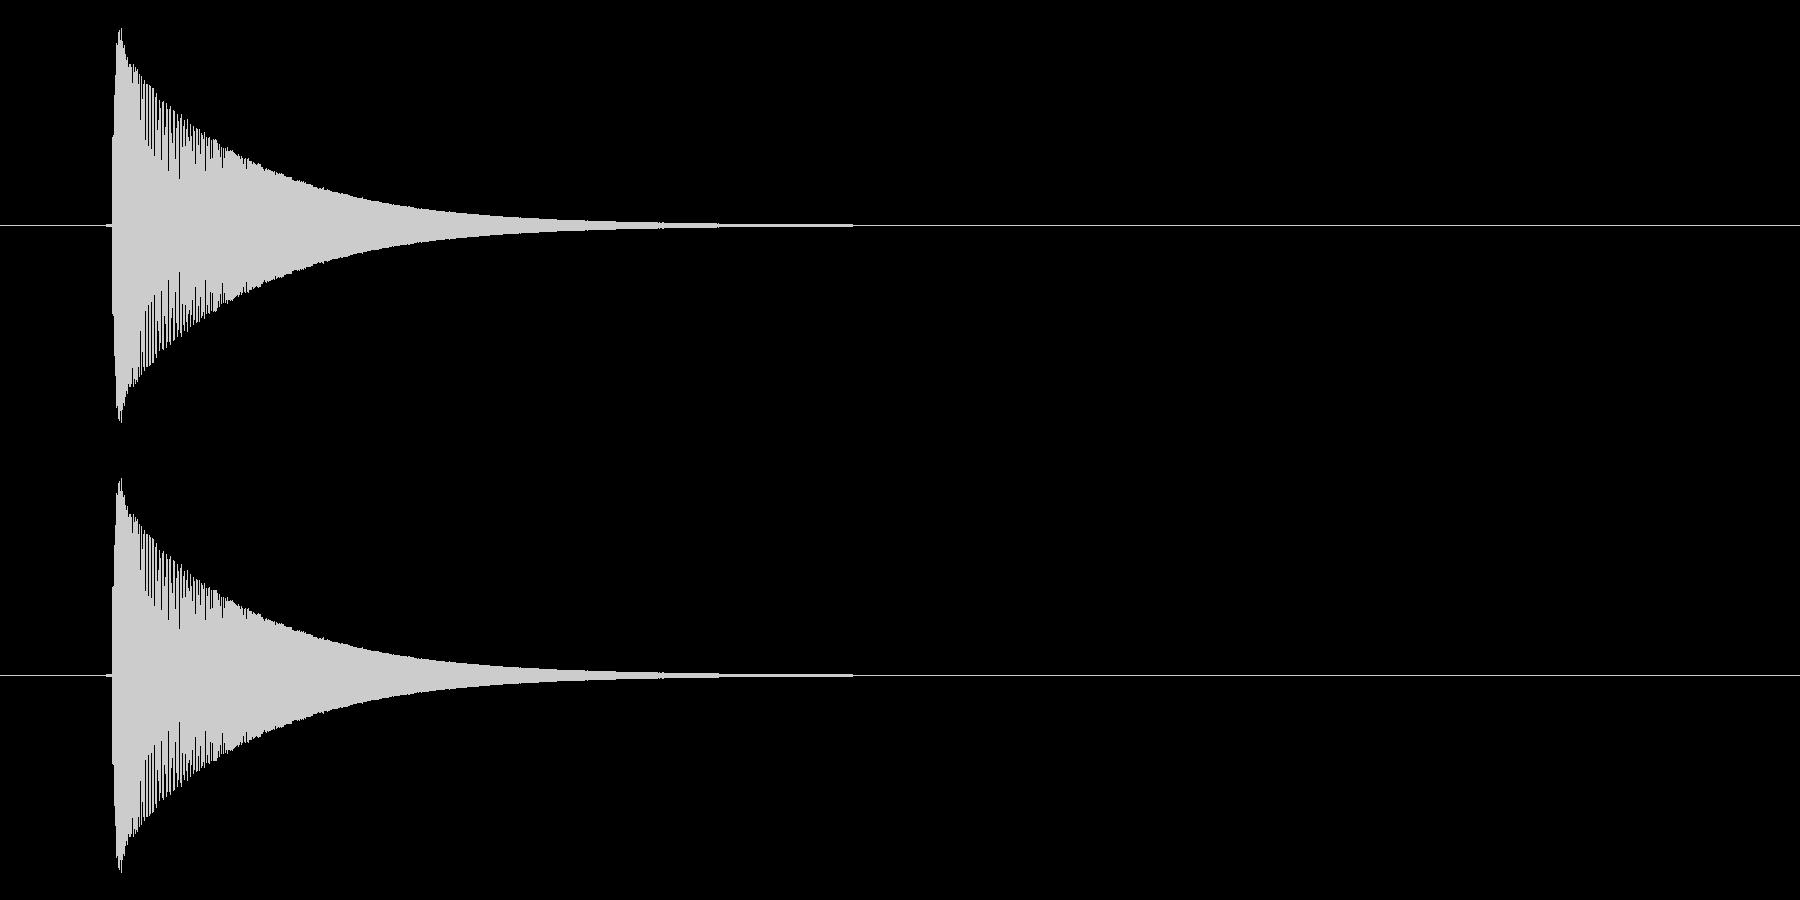 カーソル移動音_軽めの決定音の未再生の波形